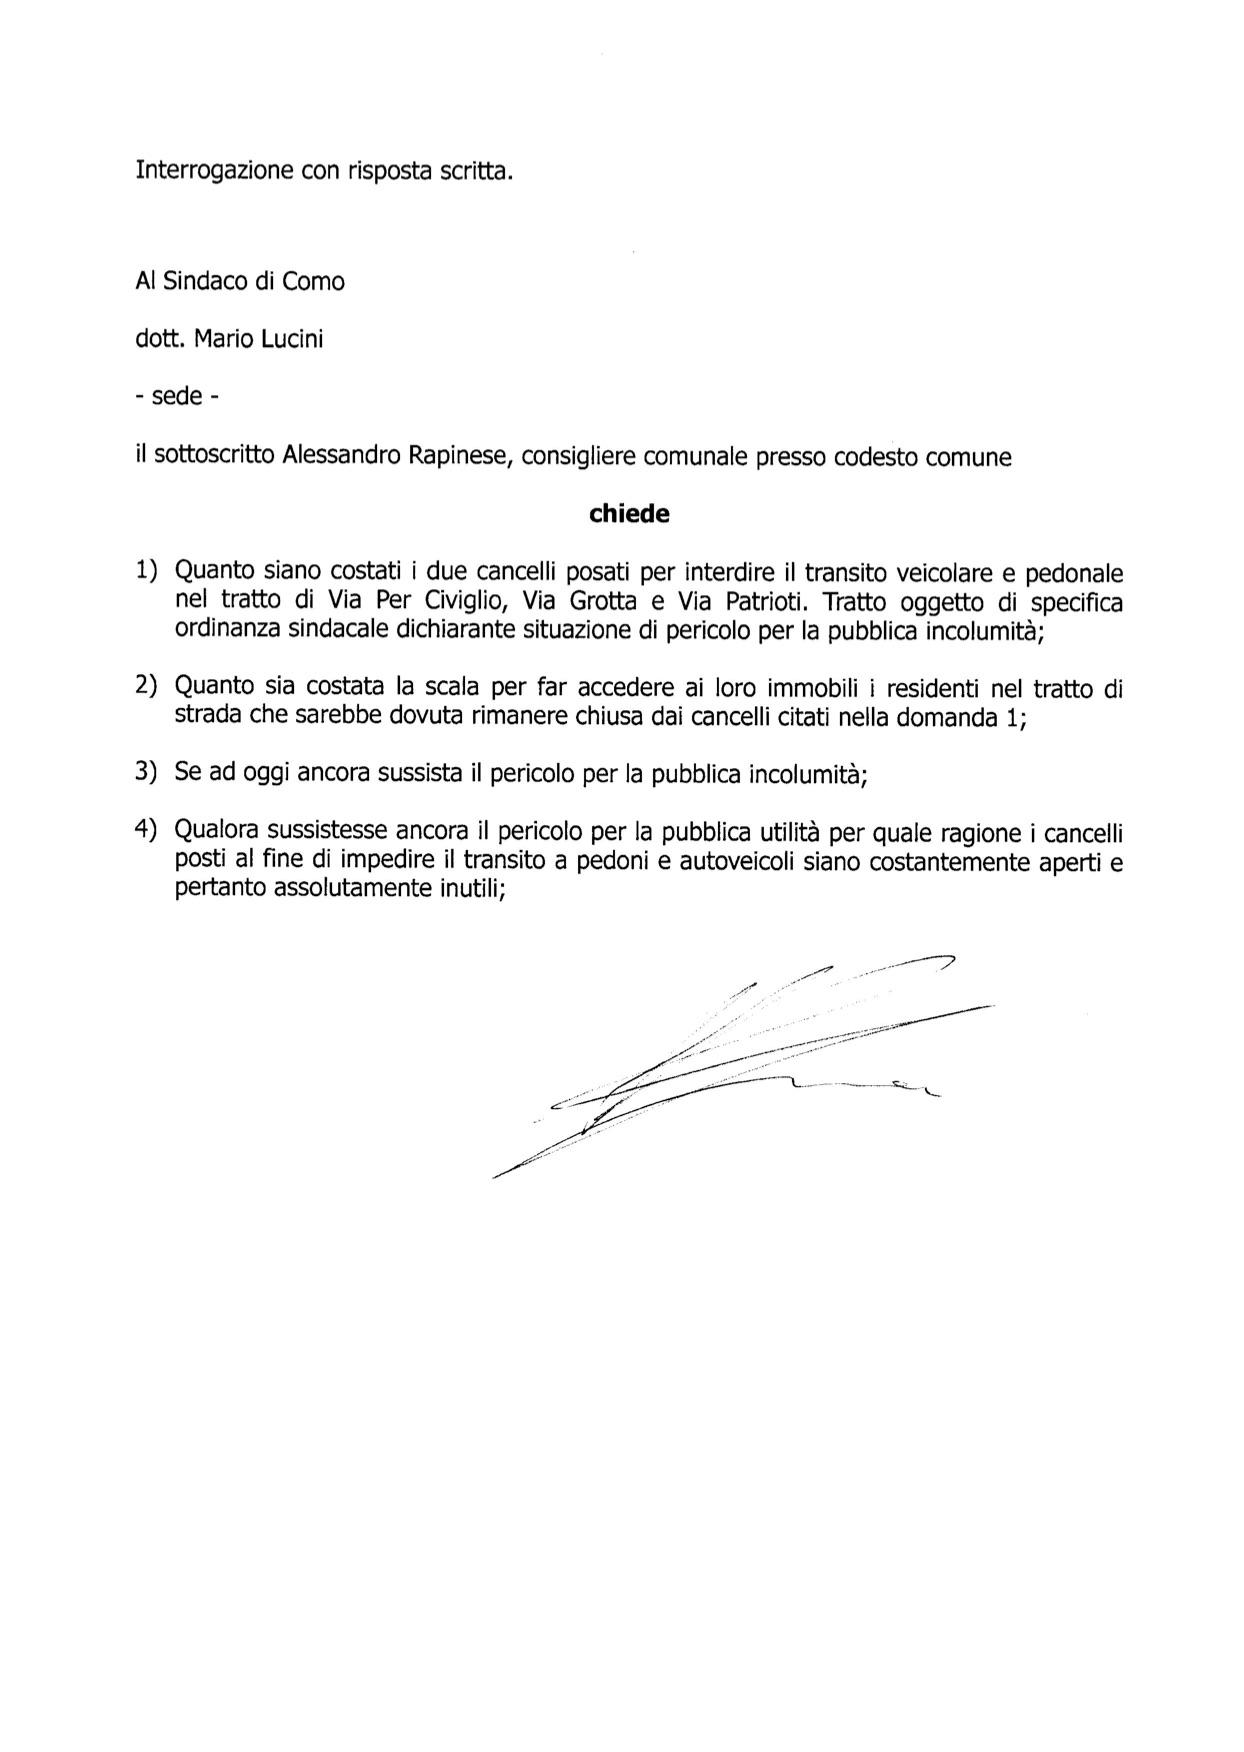 20 marzo 2015 - Interrogazione cancelli civiglio